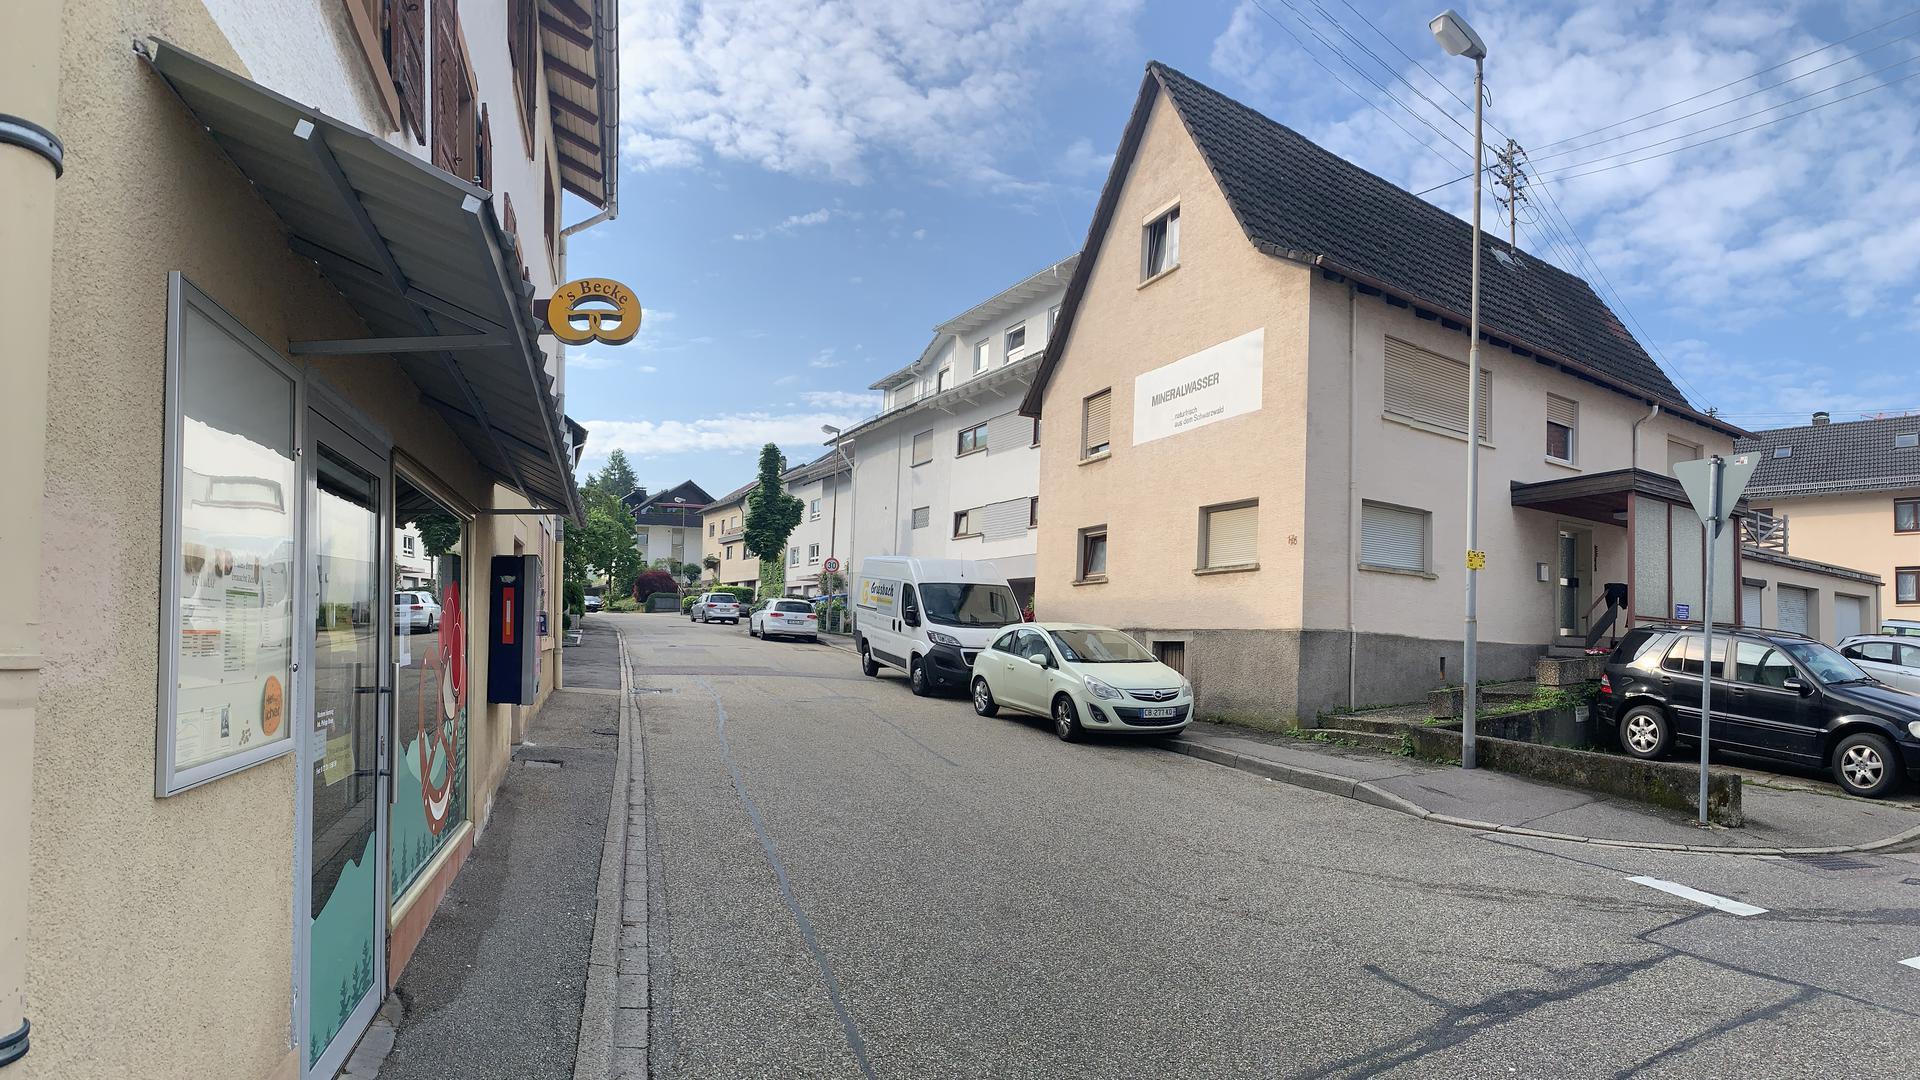 Direkt gegenüber der Bäckerei in Ebersteinburg könnte ein neuer, genossenschaftlicher Dorfladen entstehen. Gelingt die Finanzierung, könnte nach der Sommerpause eine Machbarkeitsstudie Wirklichkeit werden.